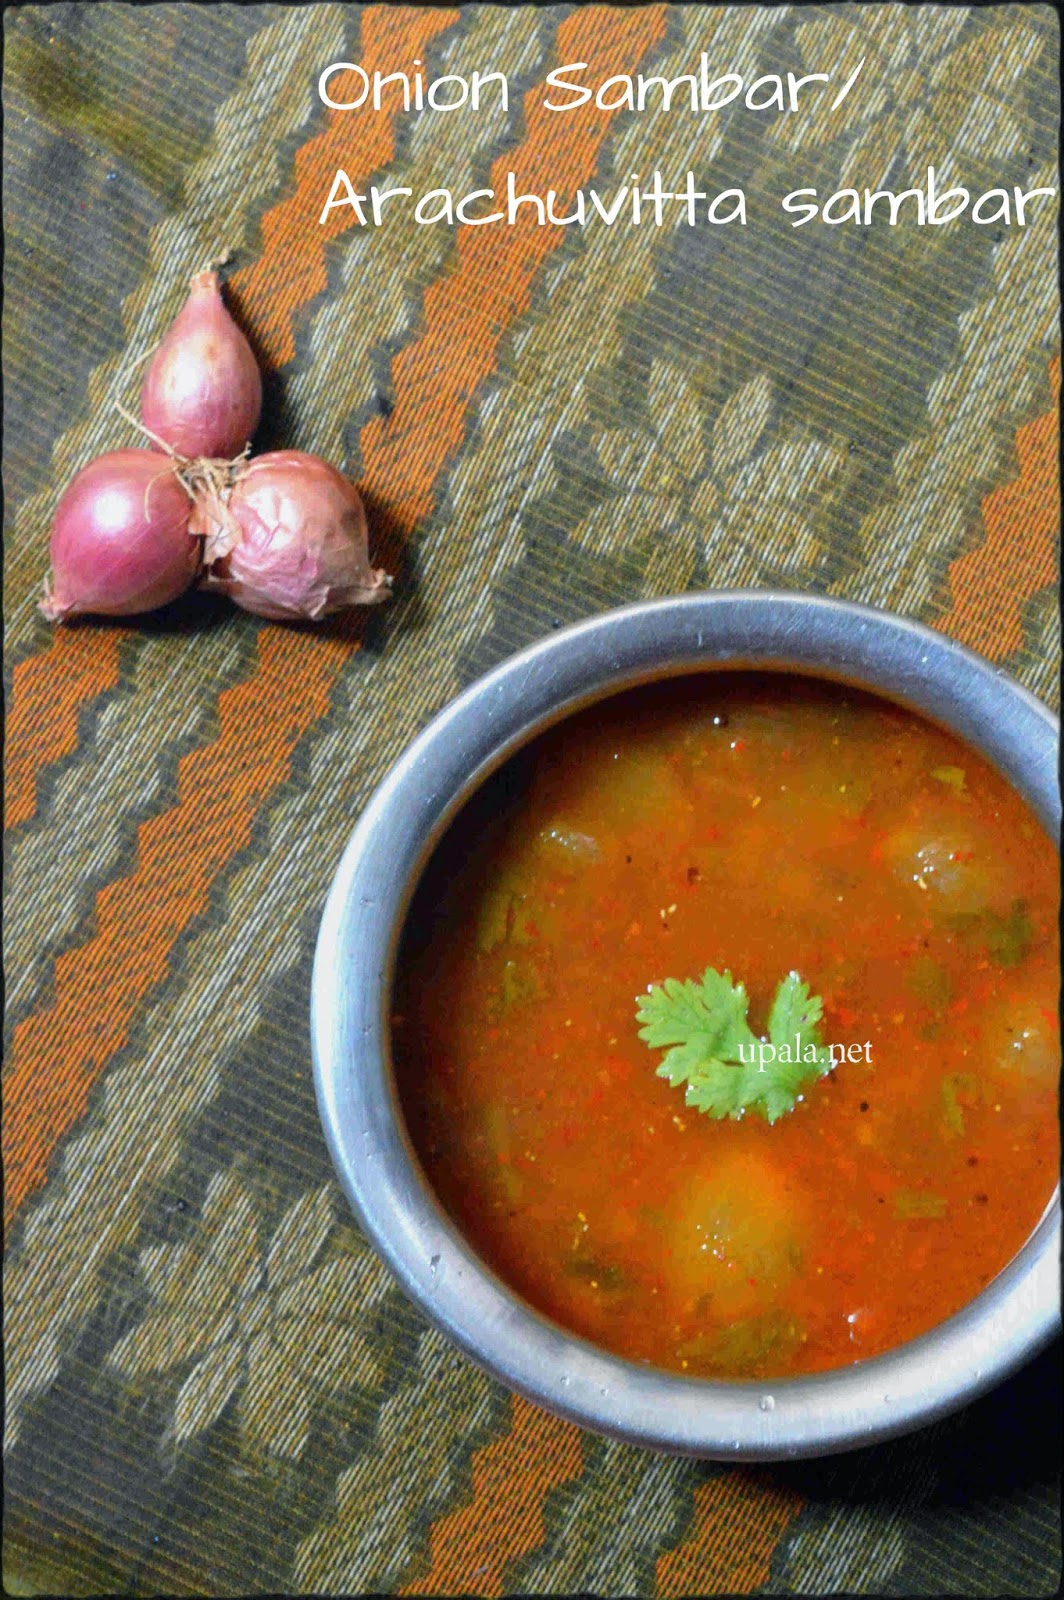 arachuvitta sambar/onion sambar